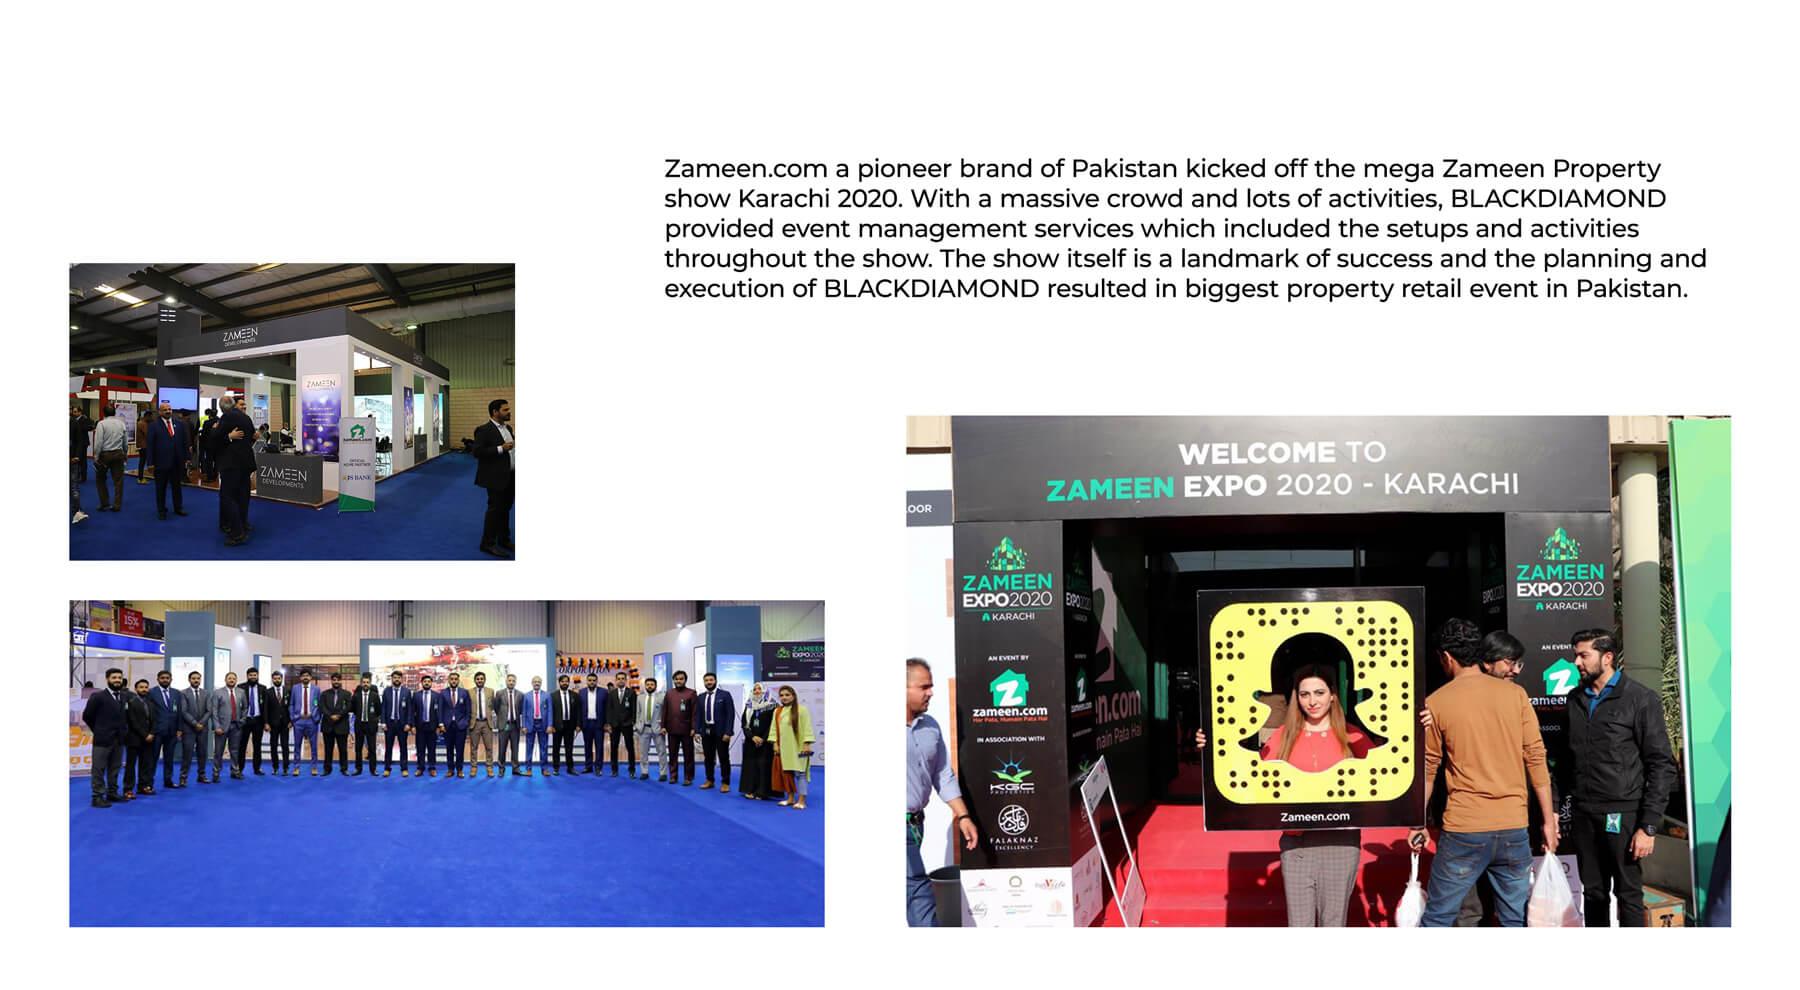 Exhibition planner Karachi